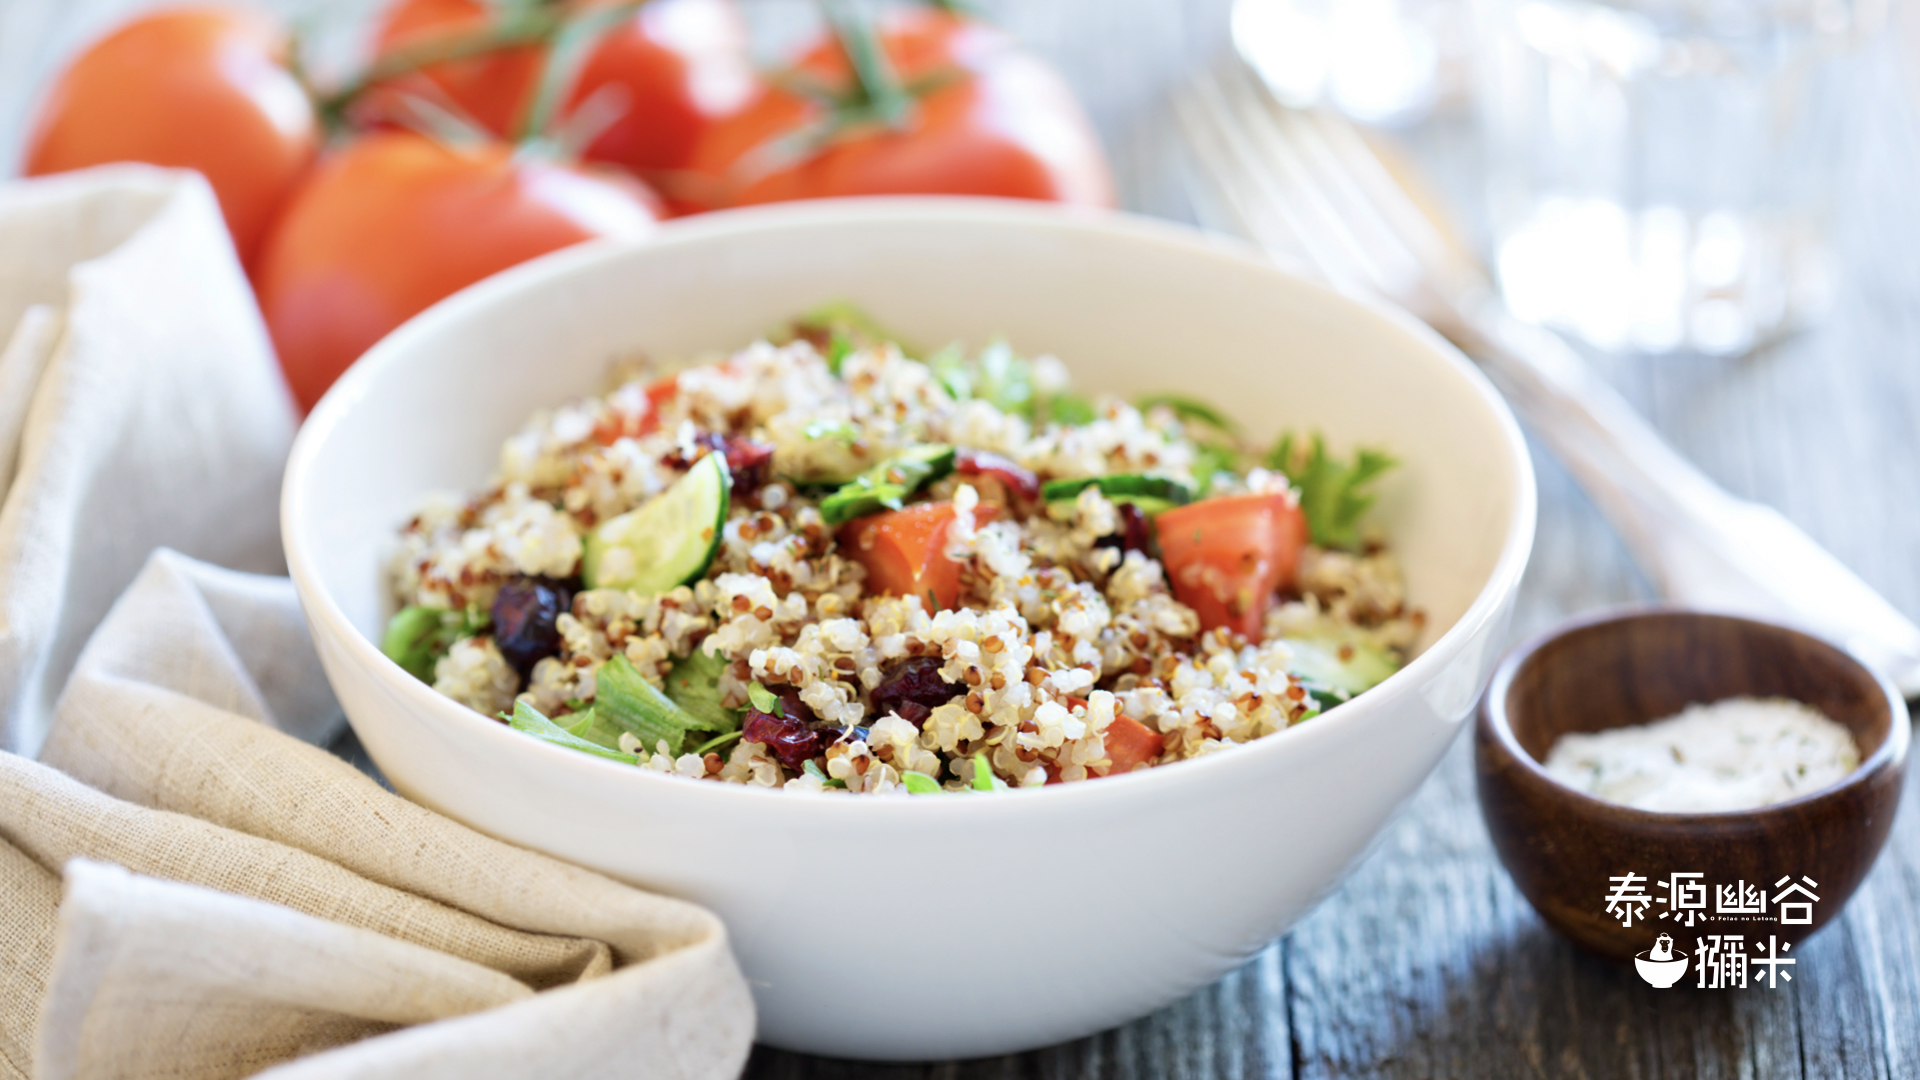 紅藜蔬菜沙拉,裡面配料有小黃瓜、番茄、紅藜